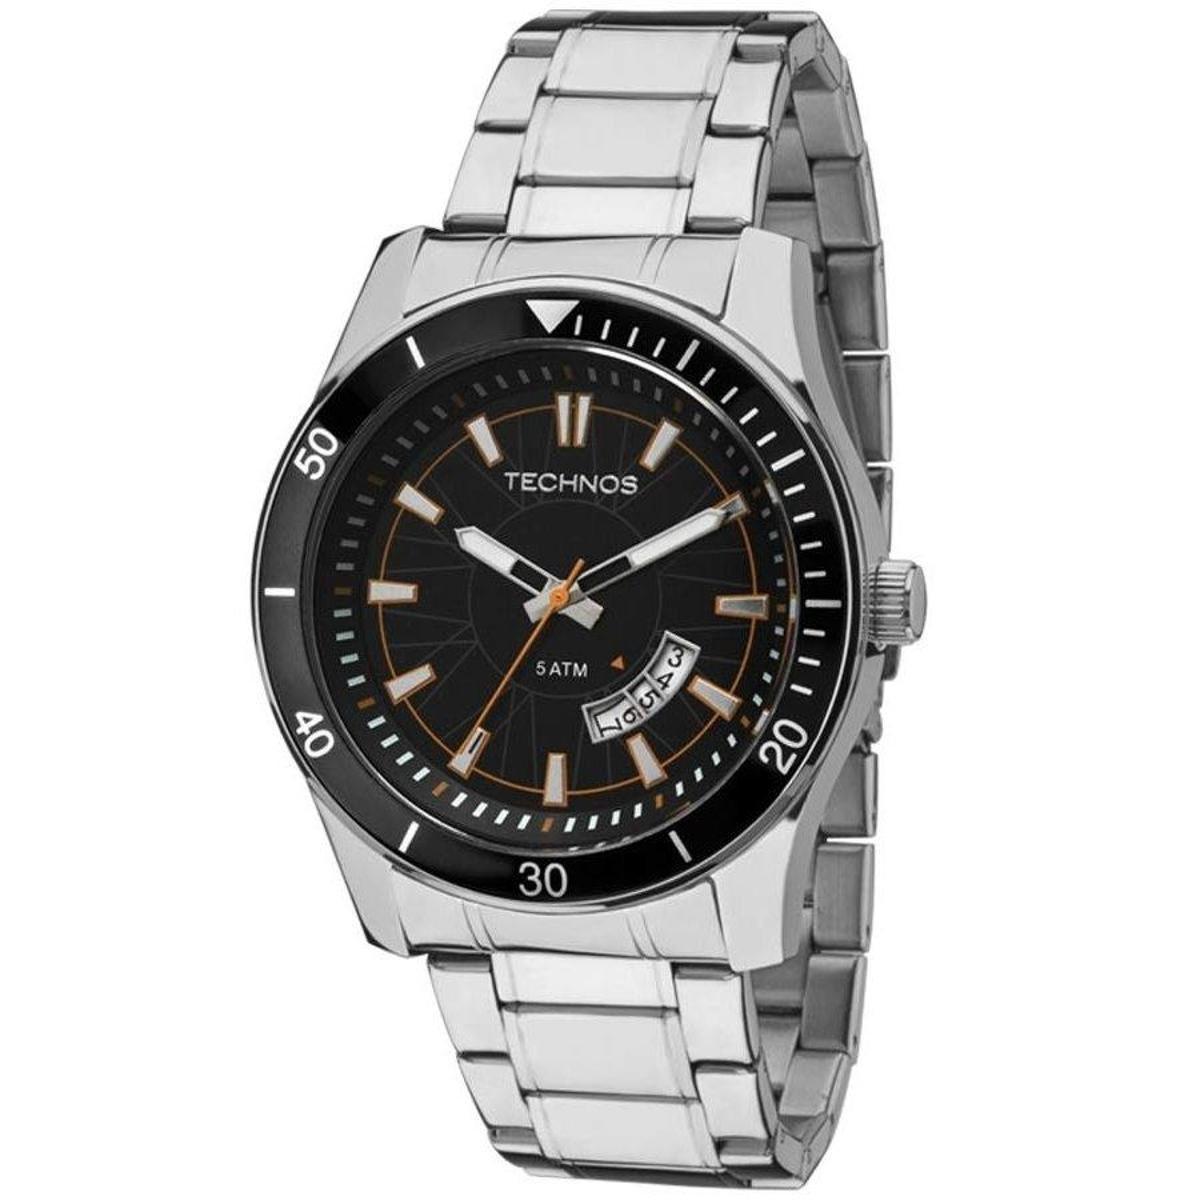 03b90cf09bb Relógio Technos - Prata e Preto - Compre Agora